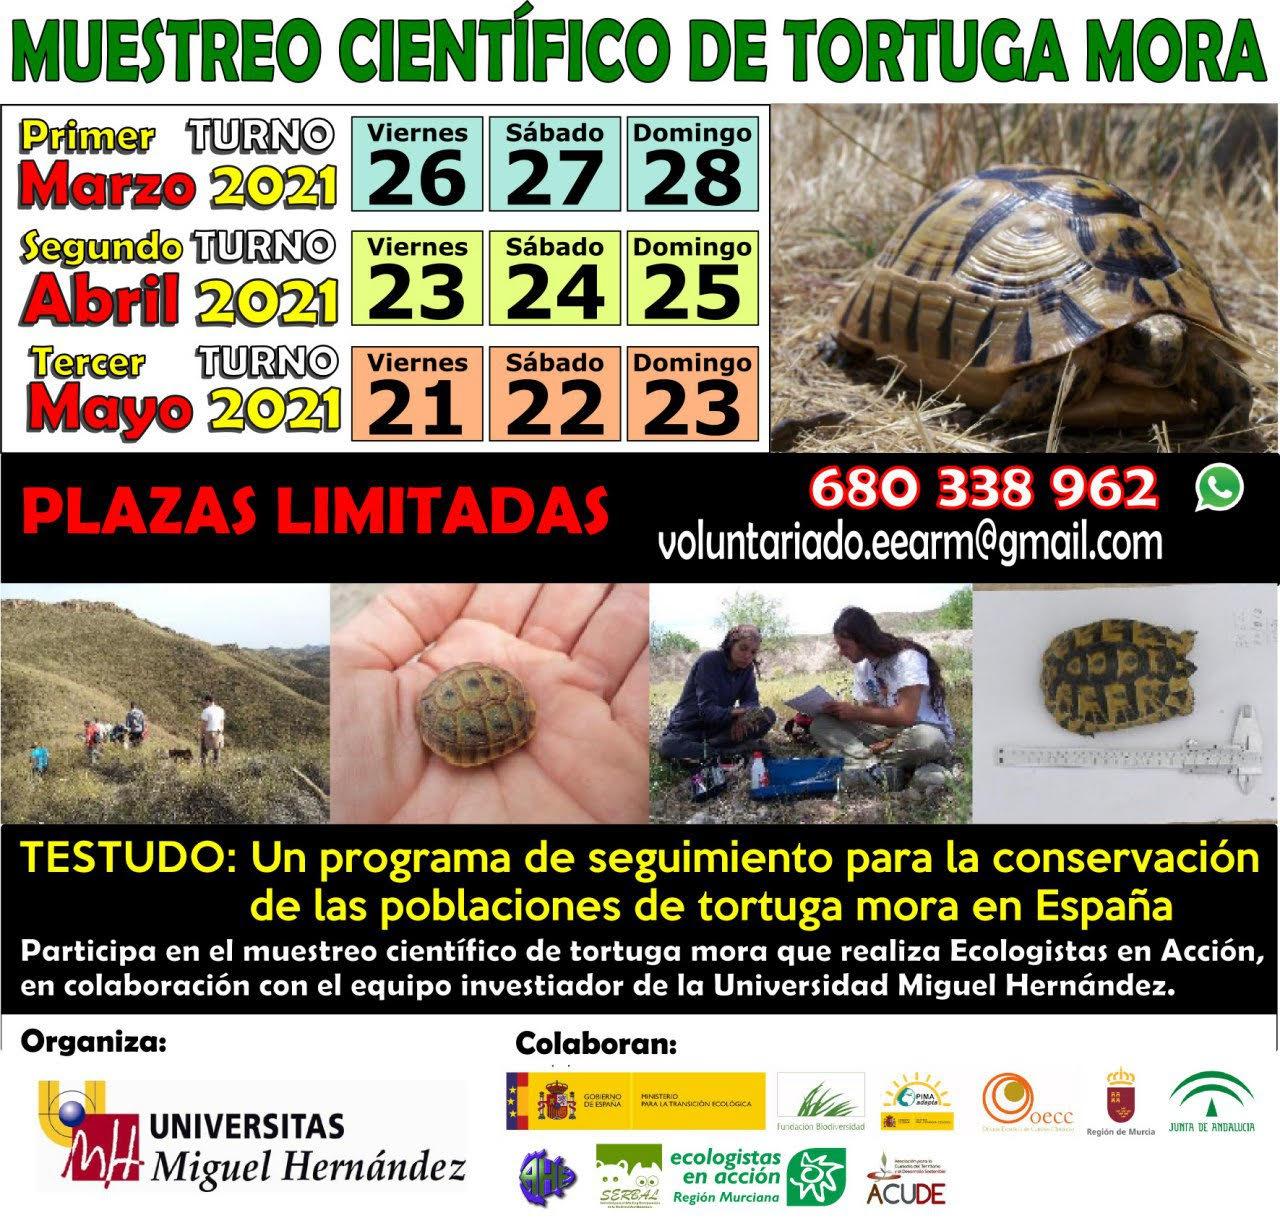 Muestreo científico de tortuga mora, con Ecologistas en Acción